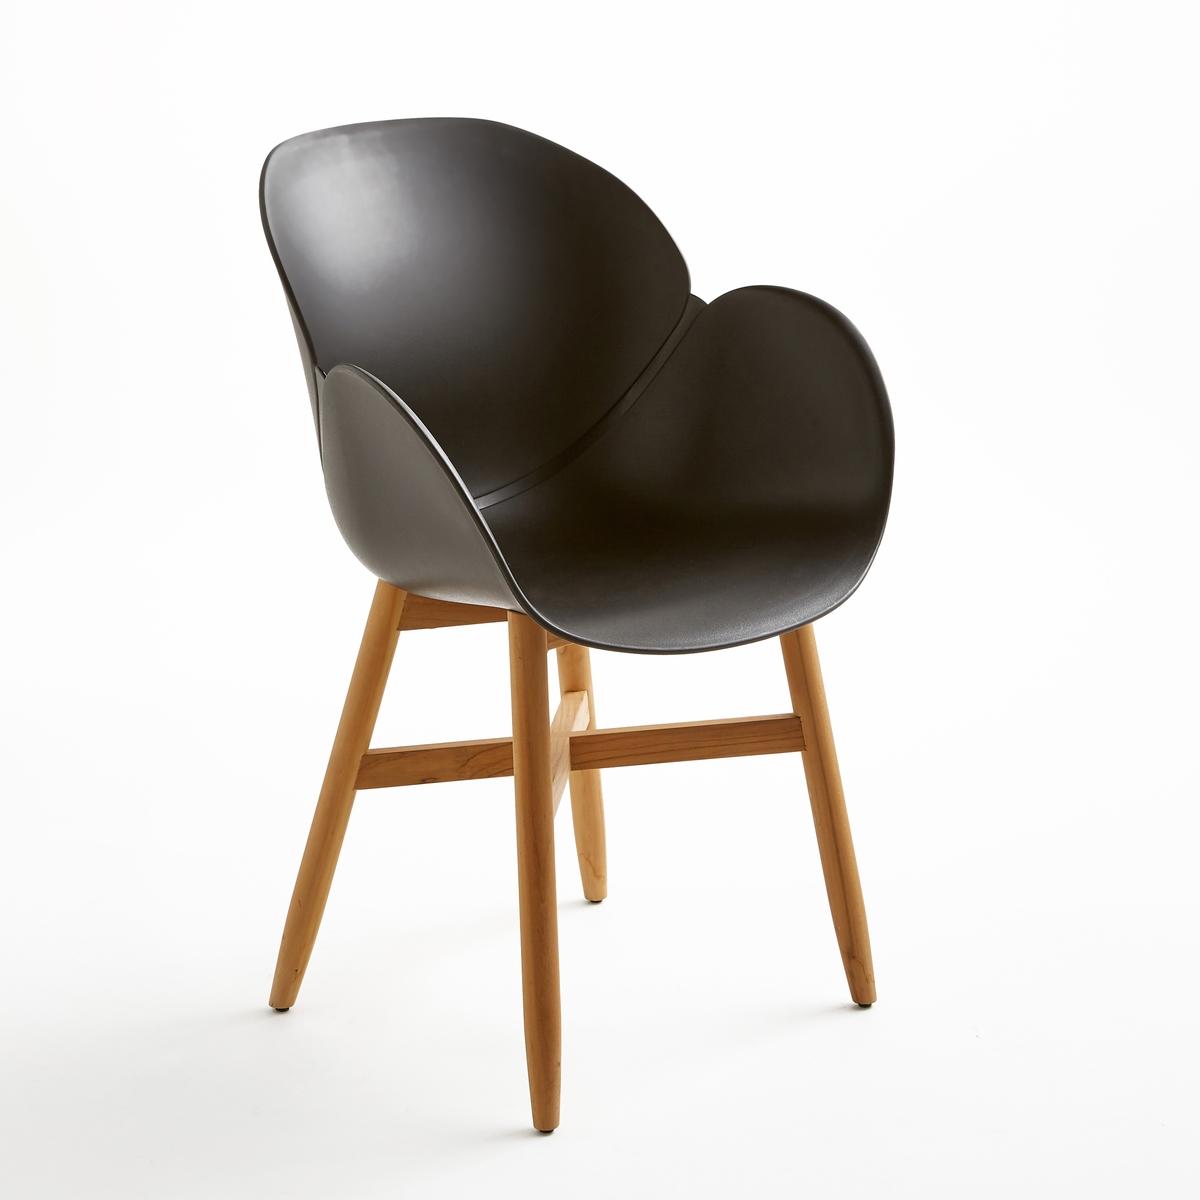 Кресло для сада с сиденьем в форме раковины, JimiХарактеристики кресла для сада с сиденьем в форме раковины Jimi :Сиденье в форме раковины и подлокотники из полипропилена.Расширяющиеся ножки из тика FSC®*, с натуральной отделкой .Всю коллекцию мебели для сада и стулья того же набора Jimi вы можете найти на сайте laredoute.ruРазмеры кресла для сада с сиденьем в форме раковины Jimi :Общие размерыДлина : 58 см  Высота : 85,5 смГлубина : 58 см  Сиденье : Ш.42 x Г.48 смРазмеры и вес упаковки :1 упаковка :62 x 54 x В.55 см7 кгДоставка:Товар продается готовым к сборке.Возможна доставка до двери по предварительной договоренности.Внимание! Убедитесь, что возможно осуществить доставку товара, учитывая его габариты (проходит в дверные проемы, лестничные проходы, лифты).*Ярлык FSC - Международный Лесной попечительский совет- гарантирует бережное использование природных ресурсов, сохранение биологического разнообразия и местных видов ® 1996 FSC.<br><br>Цвет: черный